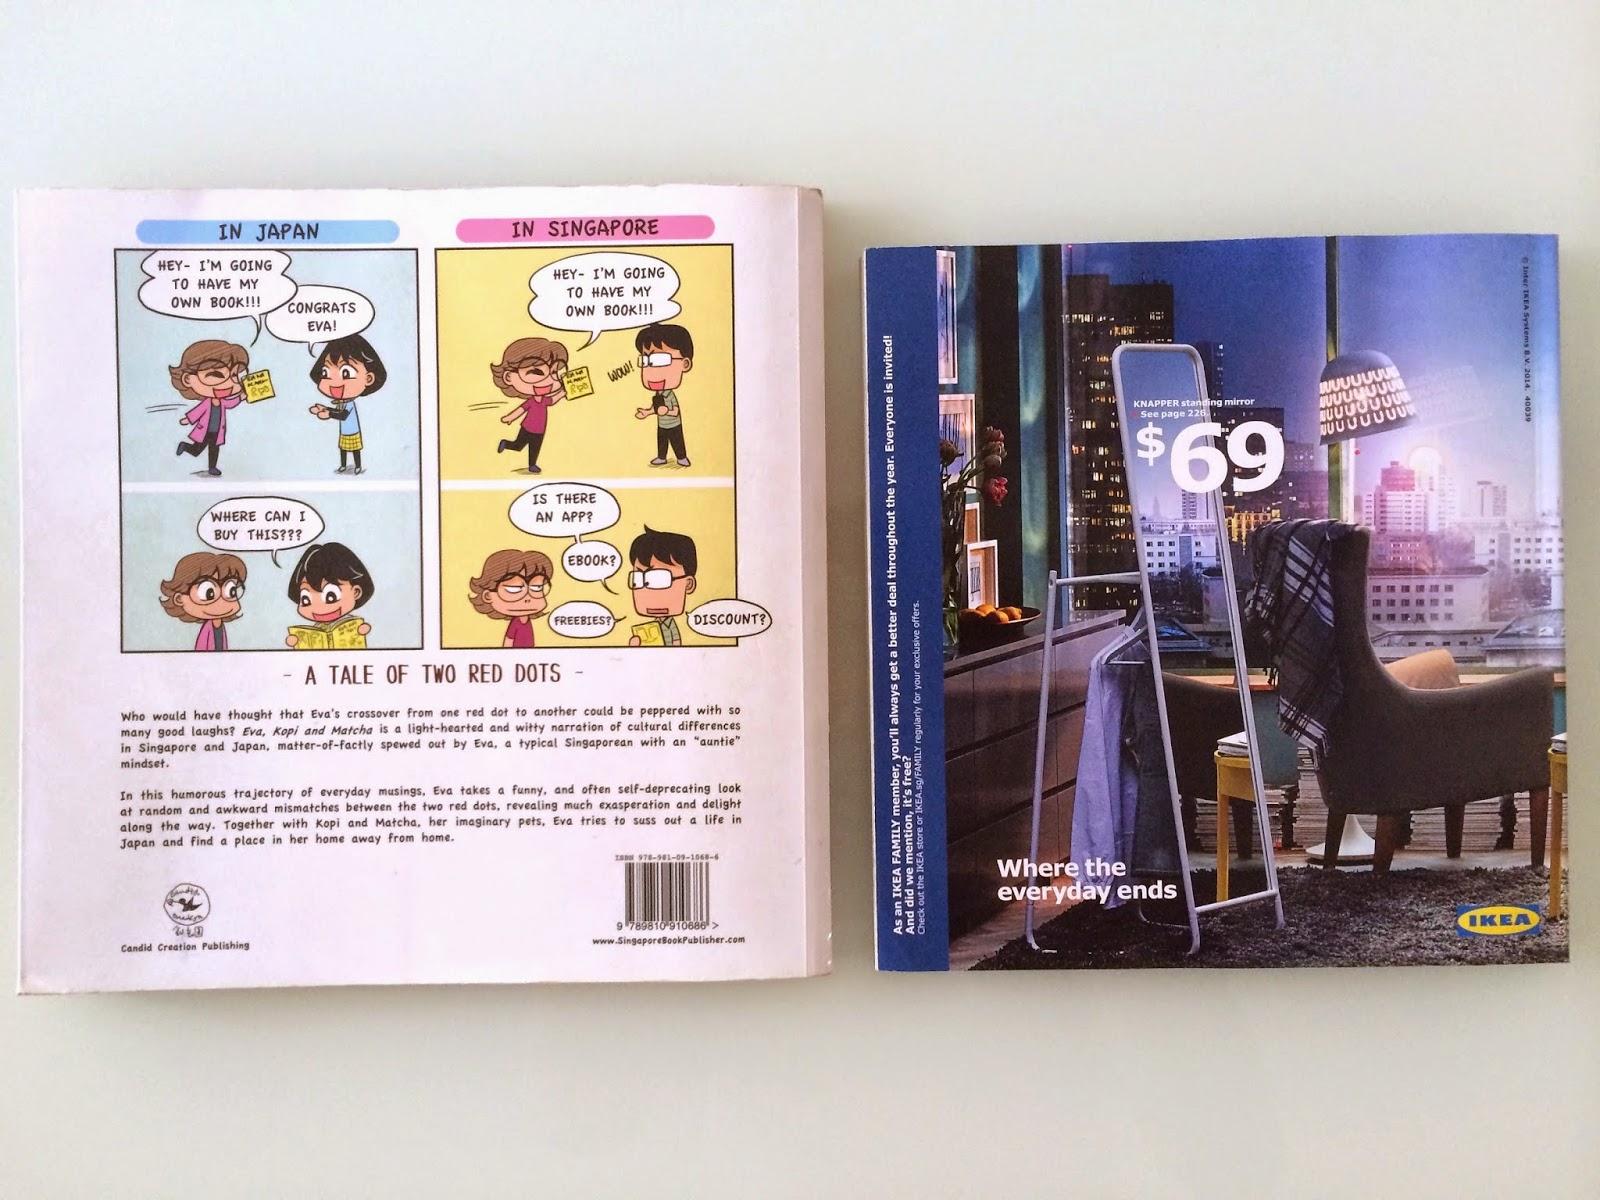 Evacomics comicbookbook™ VS Ikea bookbook